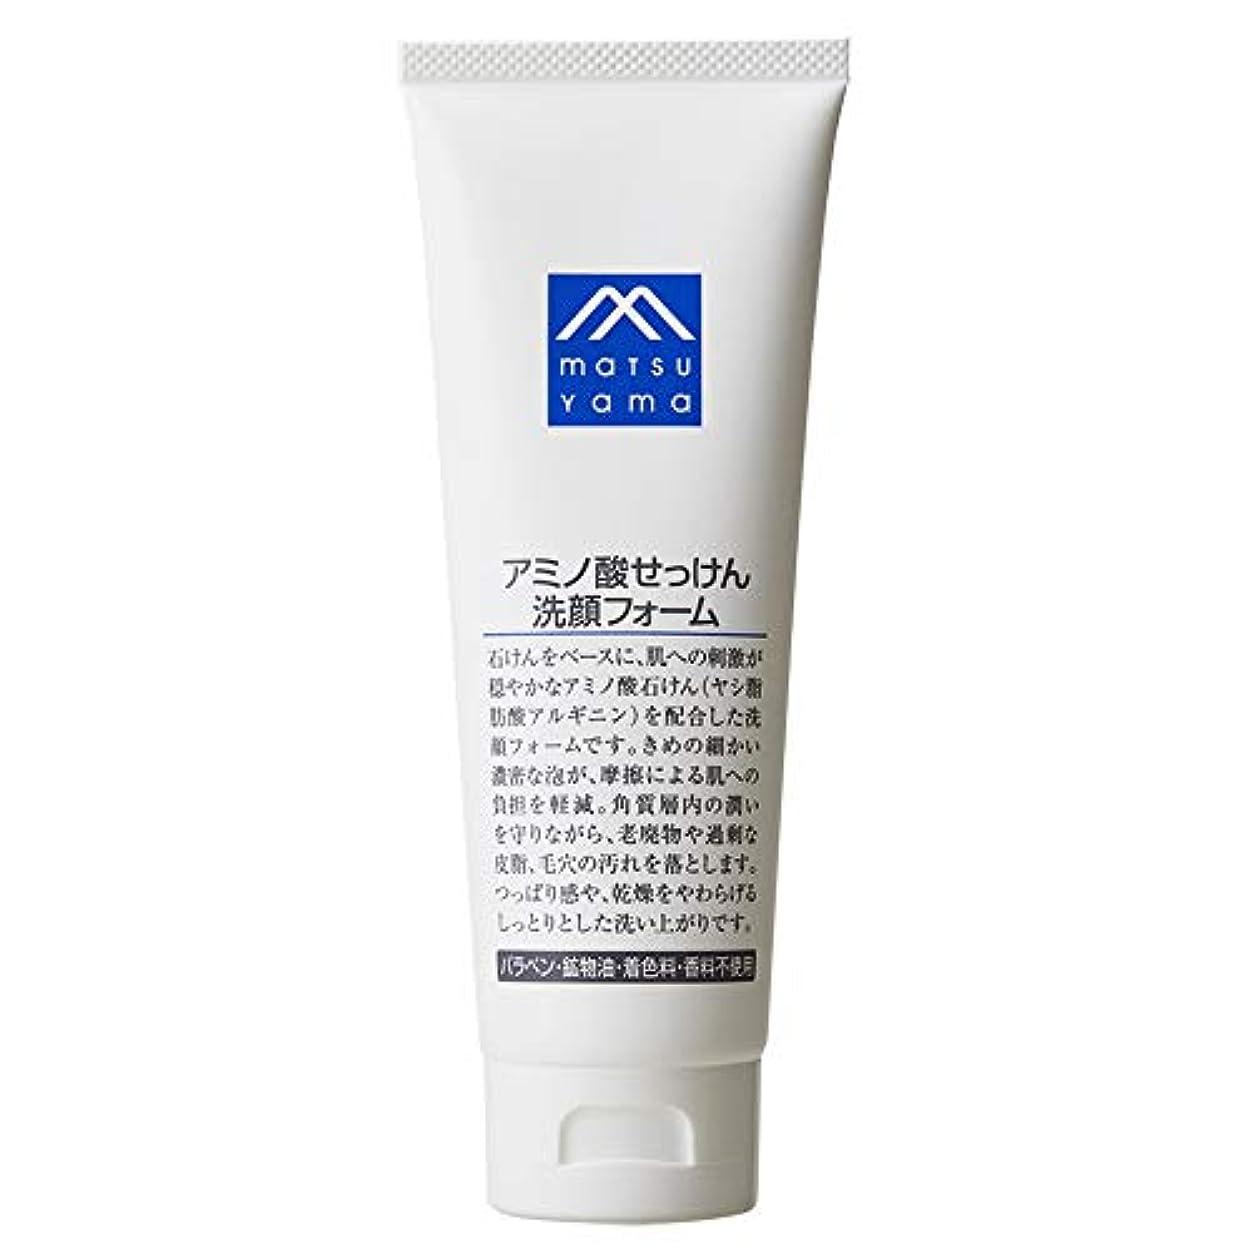 法令通訳現実Mマーク(M-mark) アミノ酸せっけん洗顔フォーム 120g